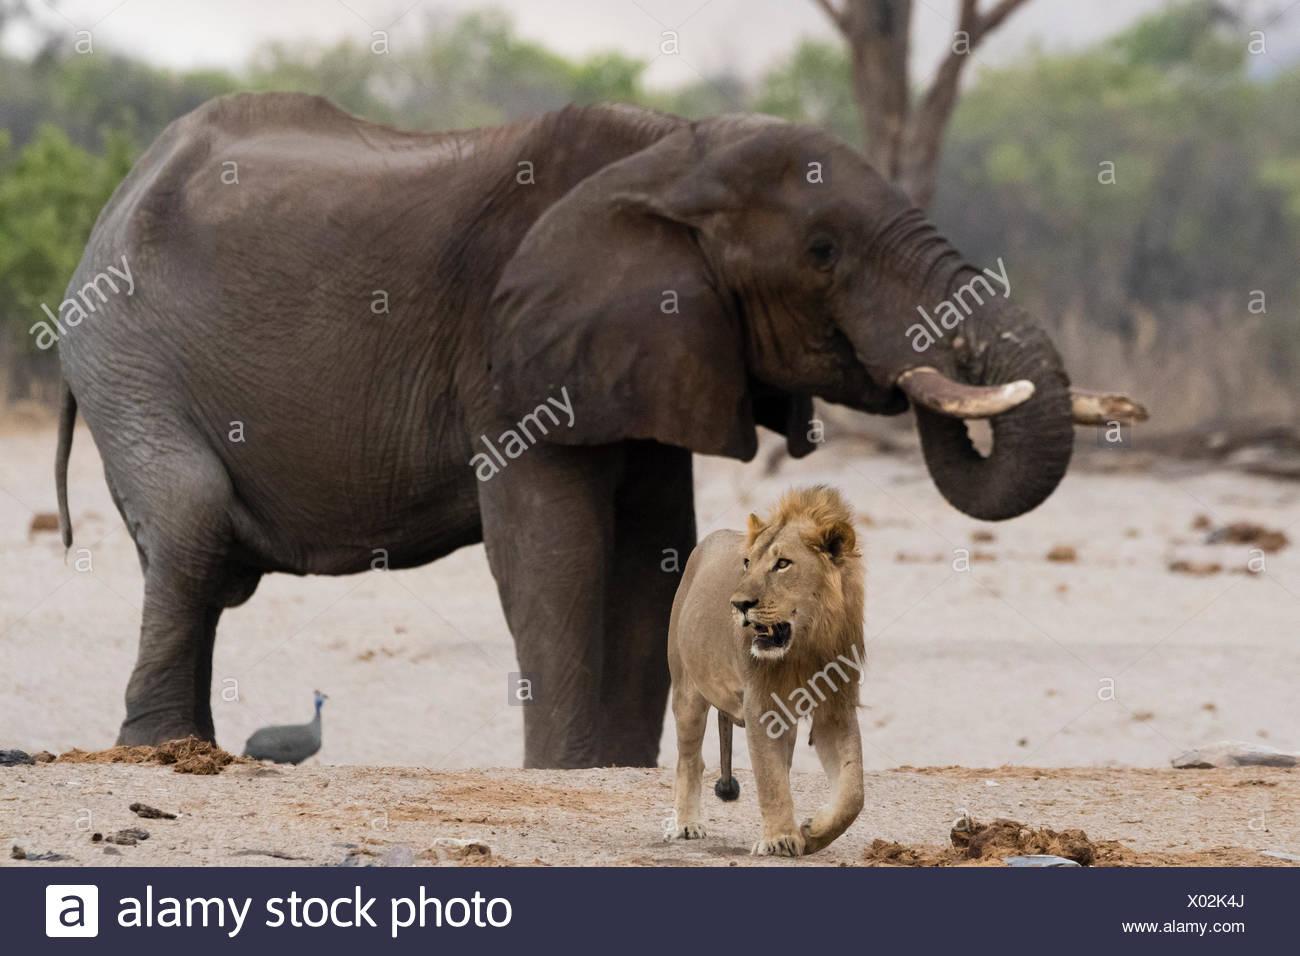 Un león macho, Panthera leo, alejándonos de un elefante africano, Loxodonta africana, beber en abrevadero. Imagen De Stock